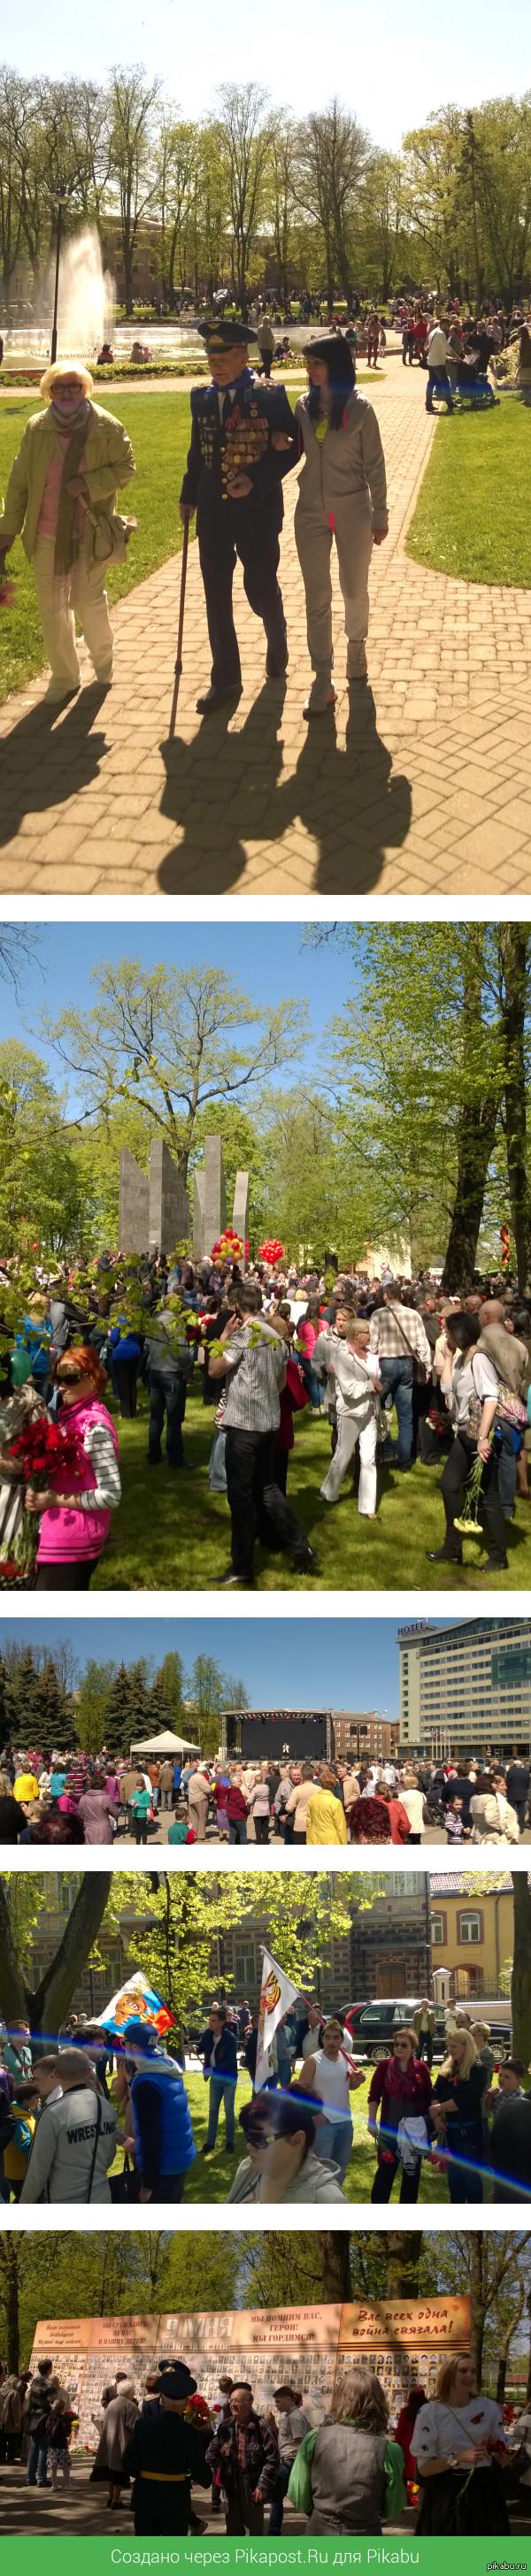 День Победы в Даугавпилсе (Латвия) Сегодня на празднование 9 мая вышел почти ВЕСЬ город, праздник грандиозный! Я не знаю про всю стану, но МЫ с ВАМИ, ребят!